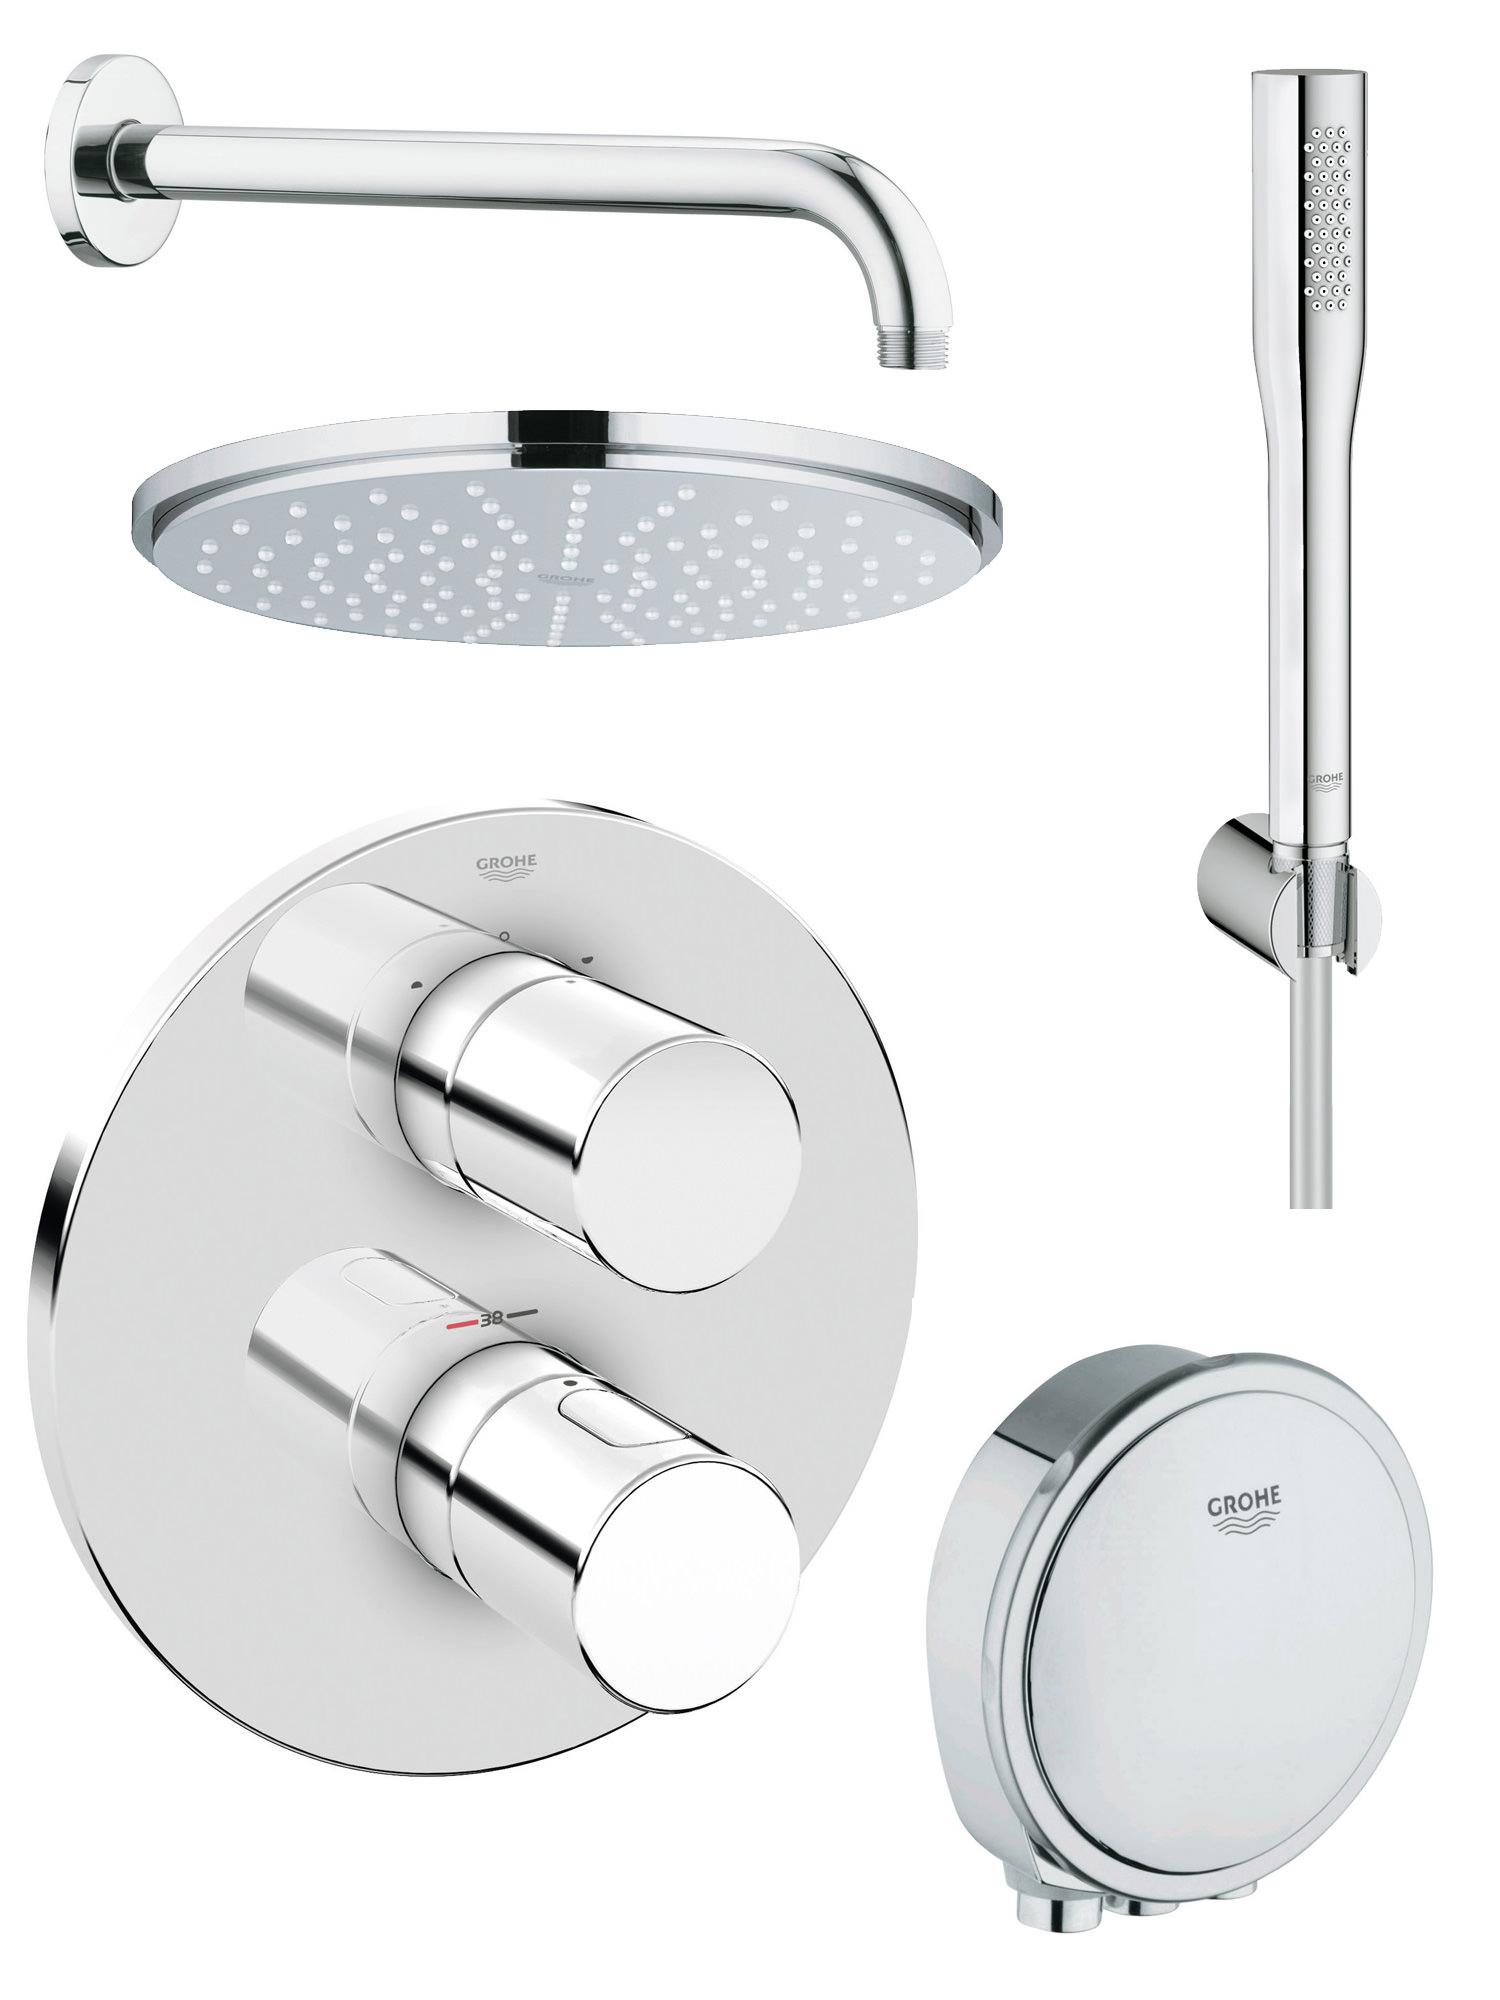 Grohe Grohtherm 3000 Cosmopolitan : grohe grohtherm 3000 cosmopolitan bath shower shower ~ Watch28wear.com Haus und Dekorationen